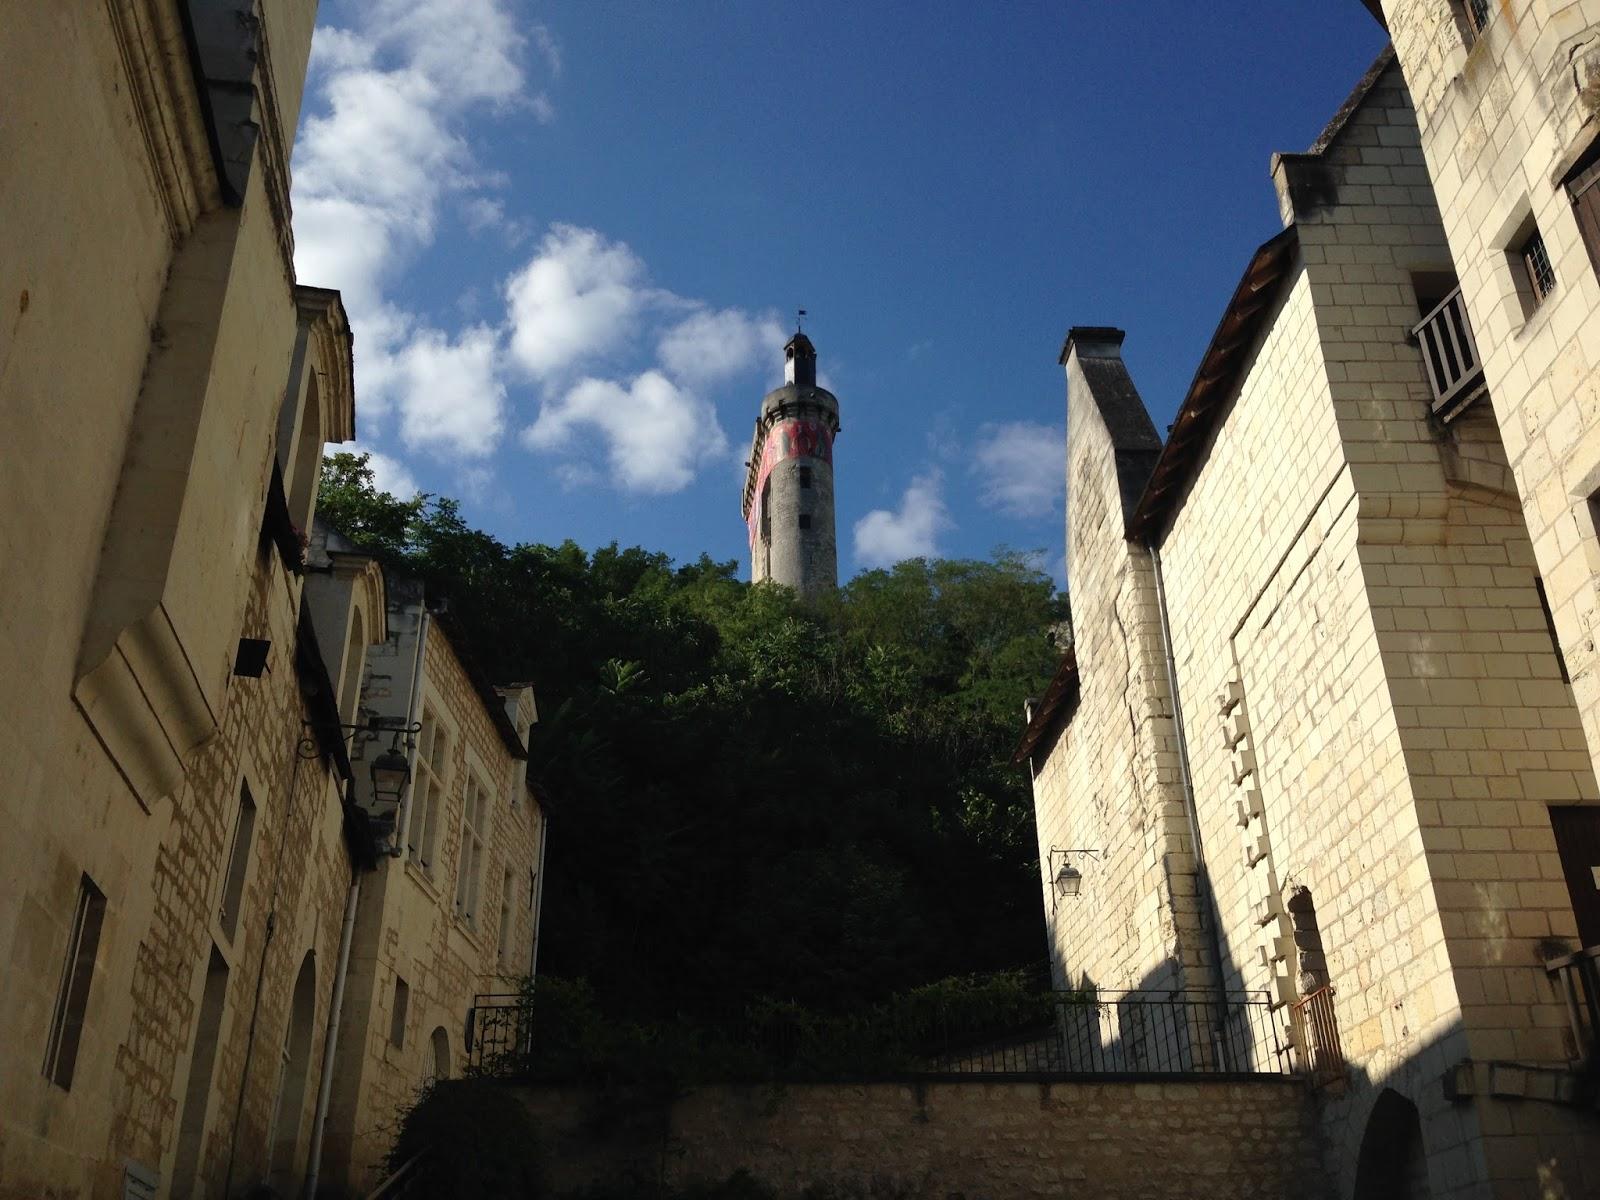 trasa rowerowa nad Loarą, zamek w Chinon, widok na wieżę